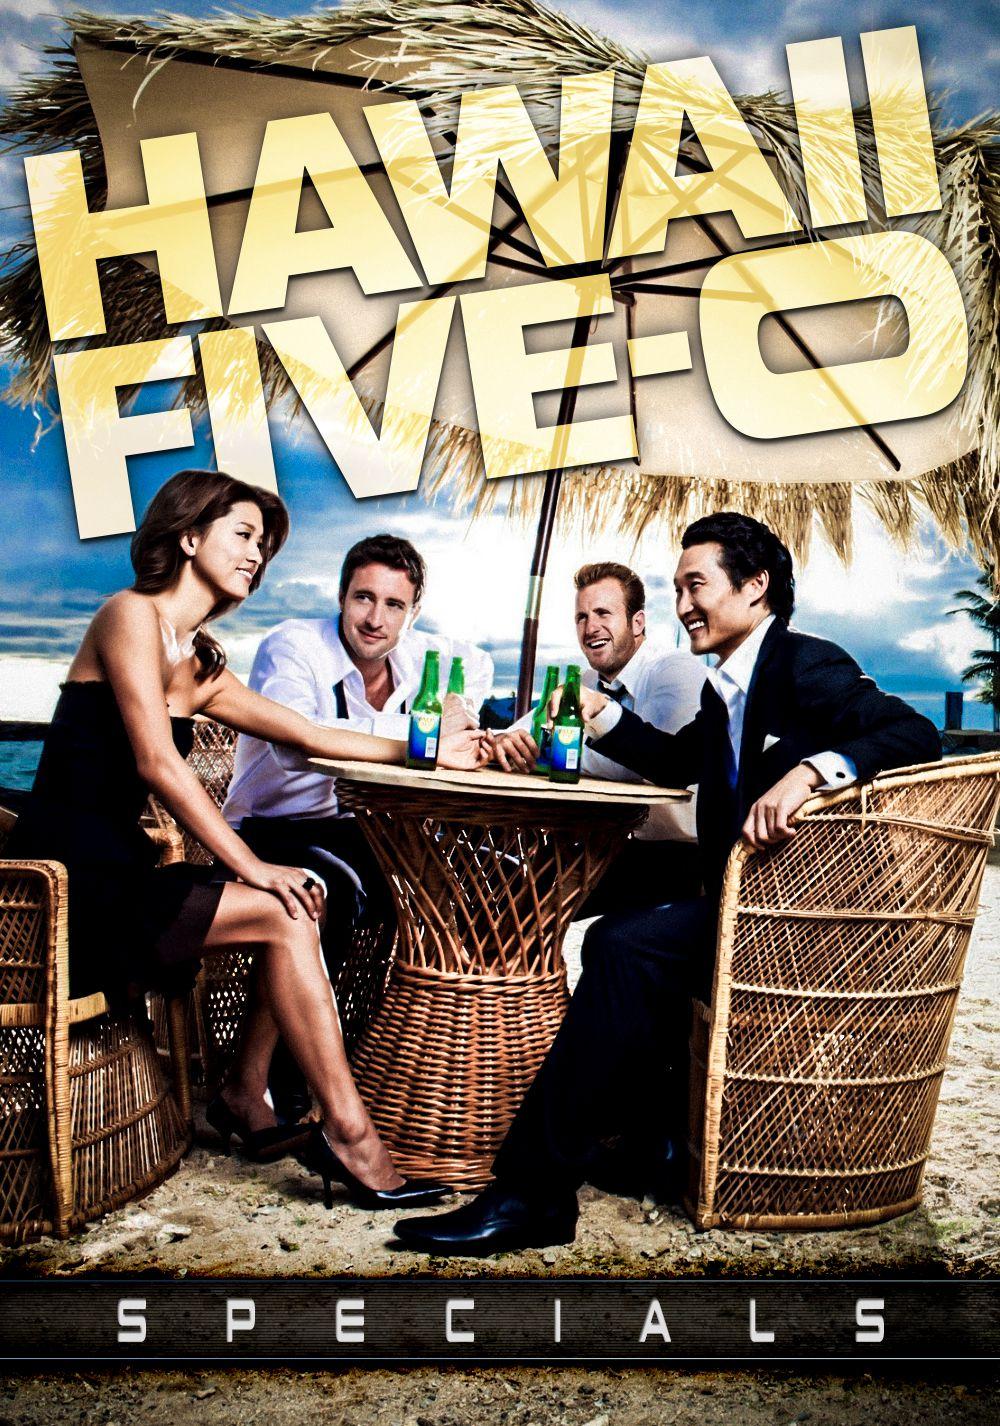 7tv Hawaii Five O